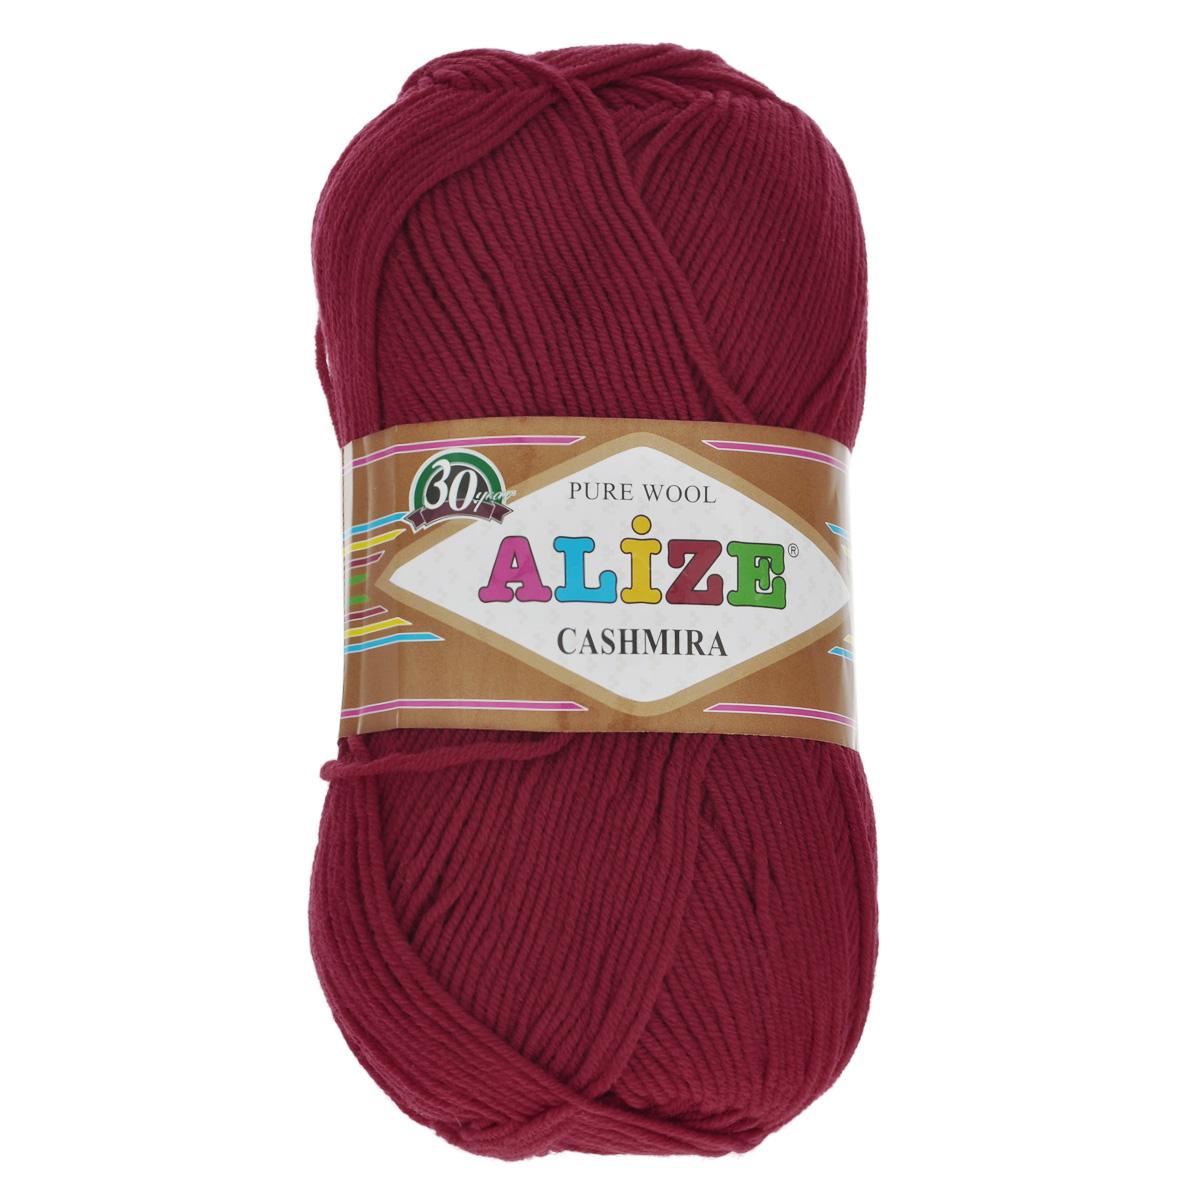 Пряжа для вязания Alize Cashmira, цвет: красный (56), 300 м, 100 г, 5 шт364009_56Пряжа для вязания Alize Cashmira изготовлена из 100% шерсти. Пряжа упругая, эластичная, тёплая, уютная и не колется, что очень подходит для детей. Тоненькая нитка прекрасно подойдет для вязки демисезонных вещей. Пряжа легко распускается и перевязывается несколько раз, не деформируясь и не влияя на вид изделия. Натуральная шерстяная нить, обеспечивает изделию прекрасную форму. Рекомендуется ручная стирка при температуре 30 °C. Рекомендованные спицы № 3-5, крючок № 2-4.